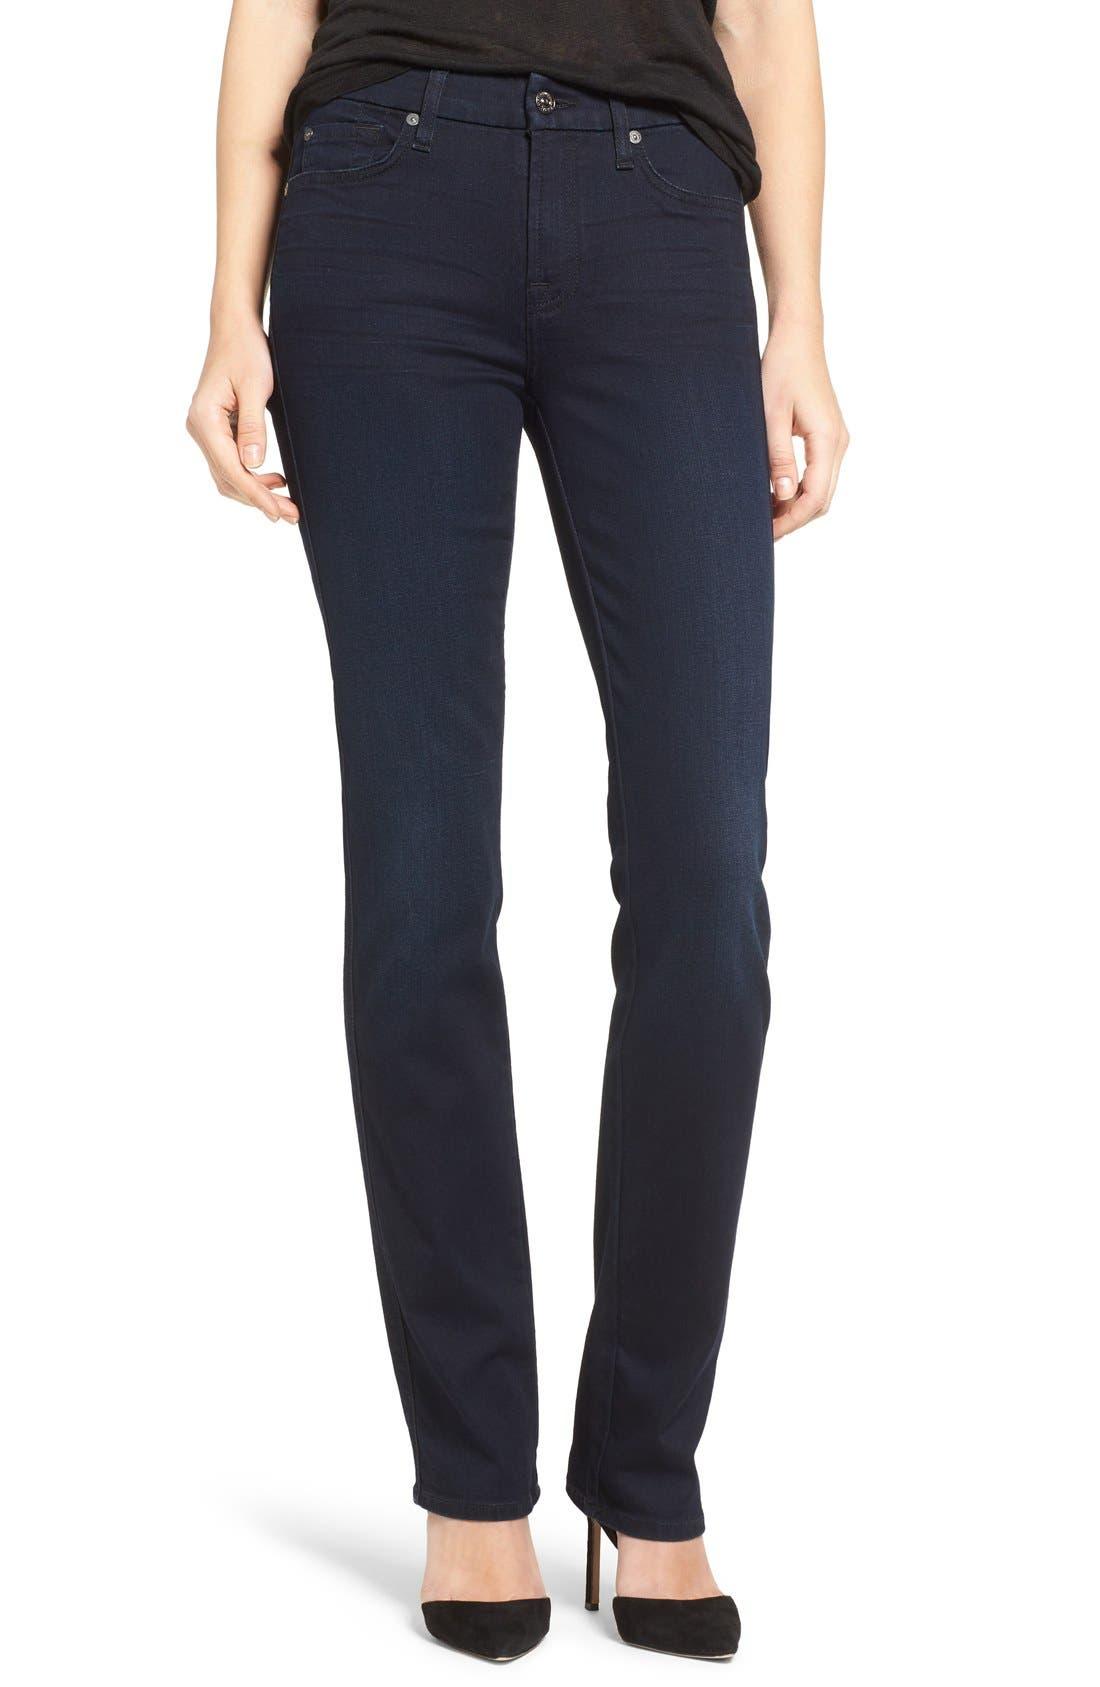 'b(air) - Kimmie' Straight Leg Jeans,                         Main,                         color, Blue Black River Thames